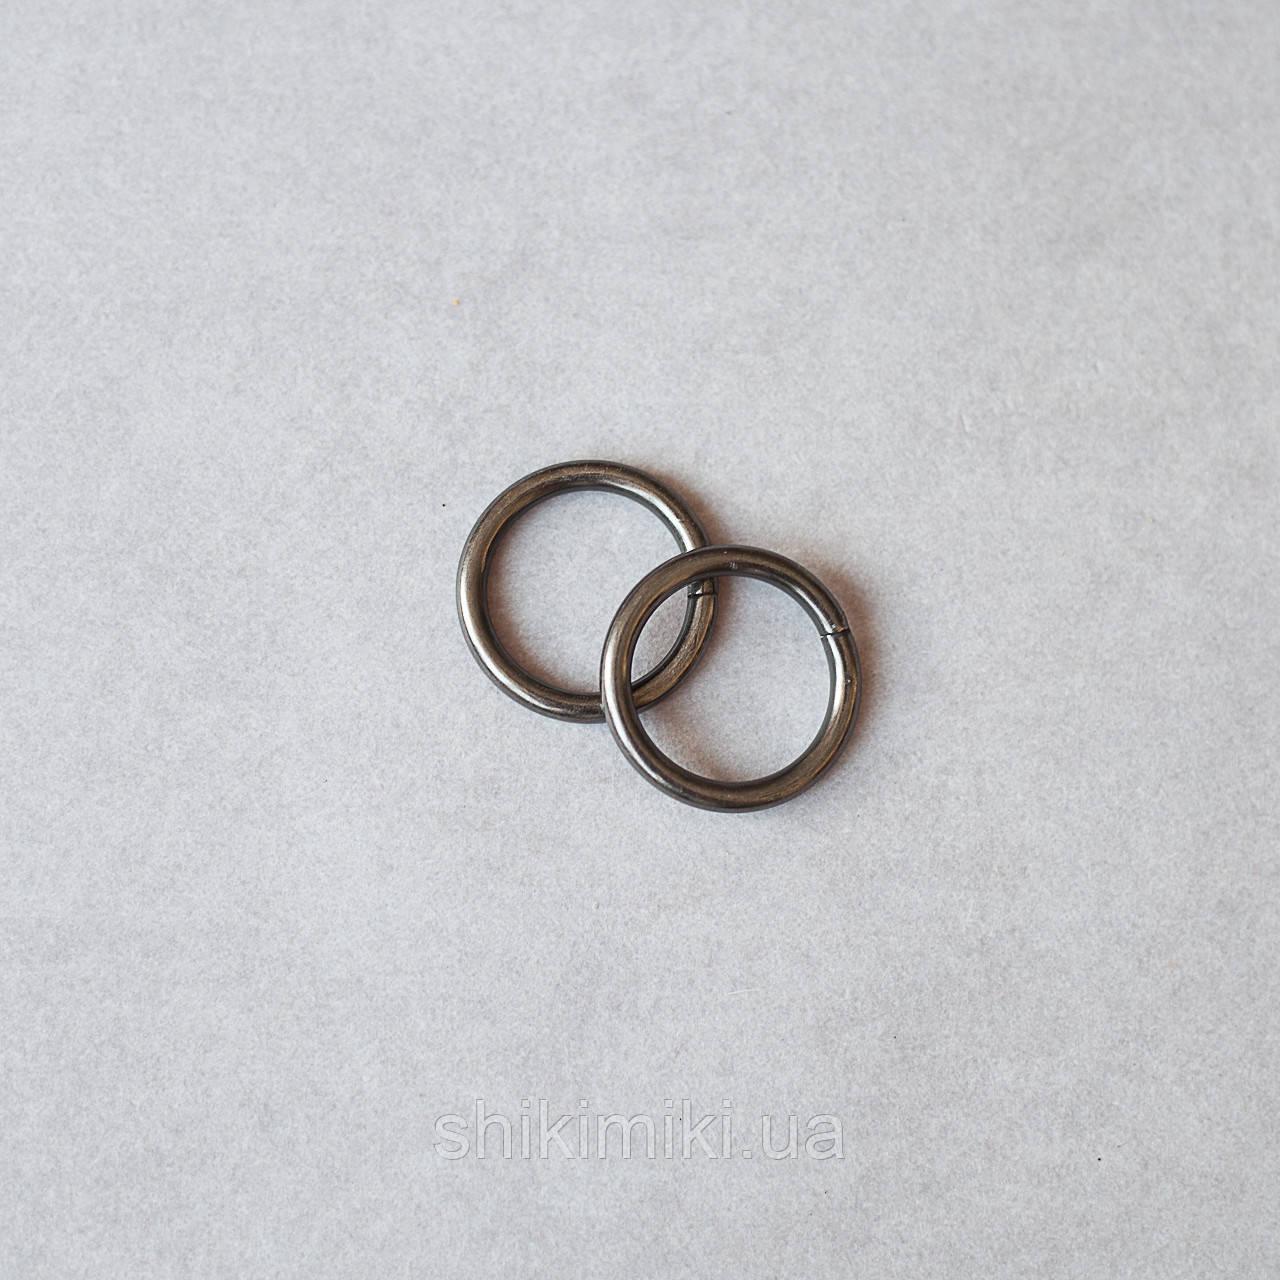 Кольца соединительные KL25-2 (25 мм), цвет черный никель